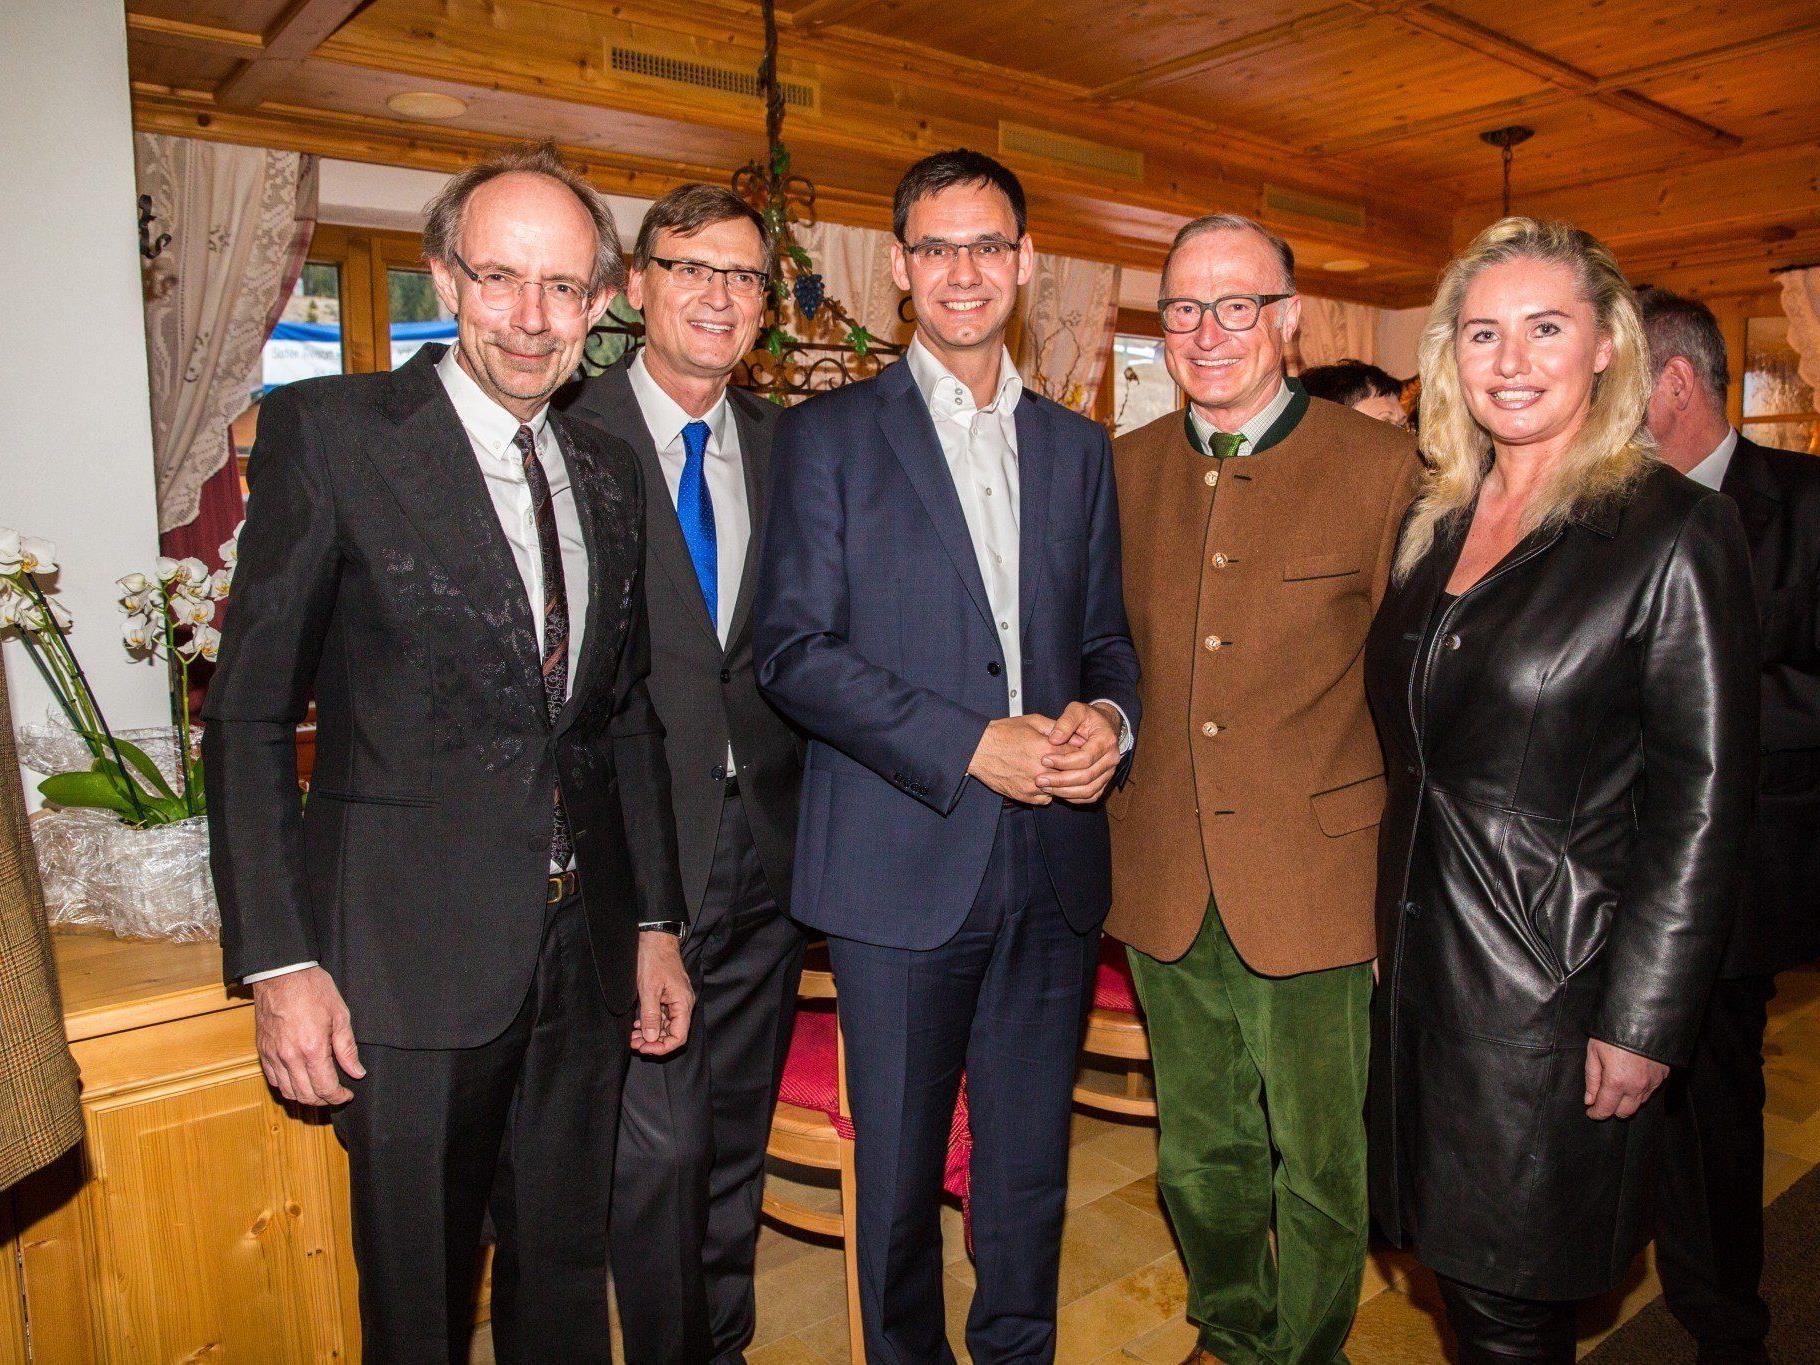 Verleger Eugen A. Russ (l.) mit Thomas Kralinger, LH Markus Wallner und Bgm. Ludwig Muxel mit VN-CR Verena Daum-Kuzmanovic.